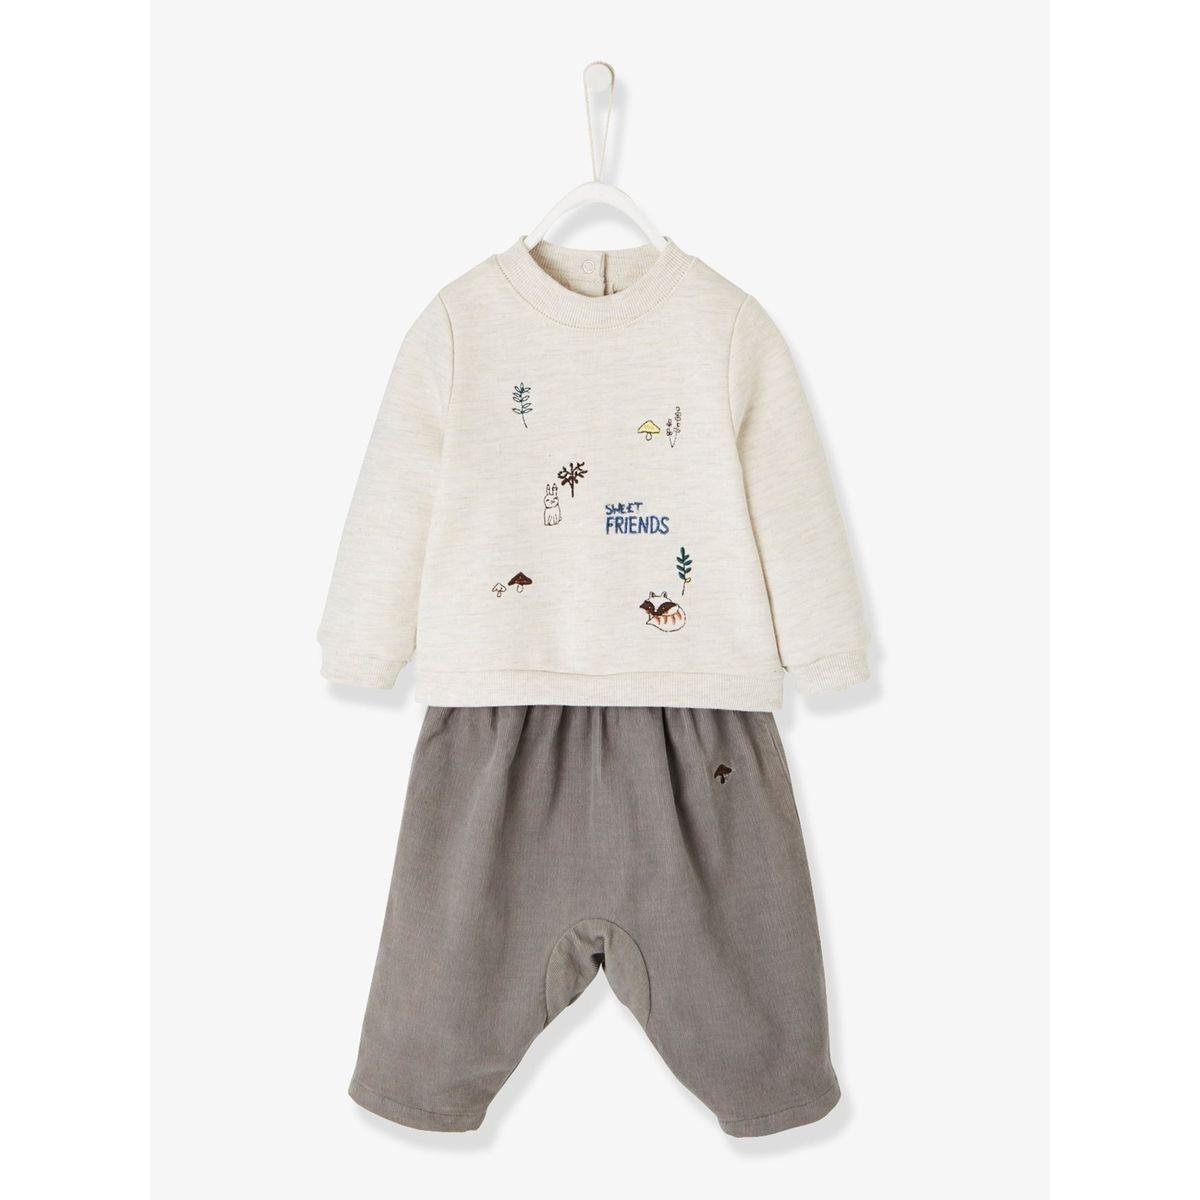 Ensemble sweat brodé renard, pantalon molleton et chaussons fourrure bébé naissance